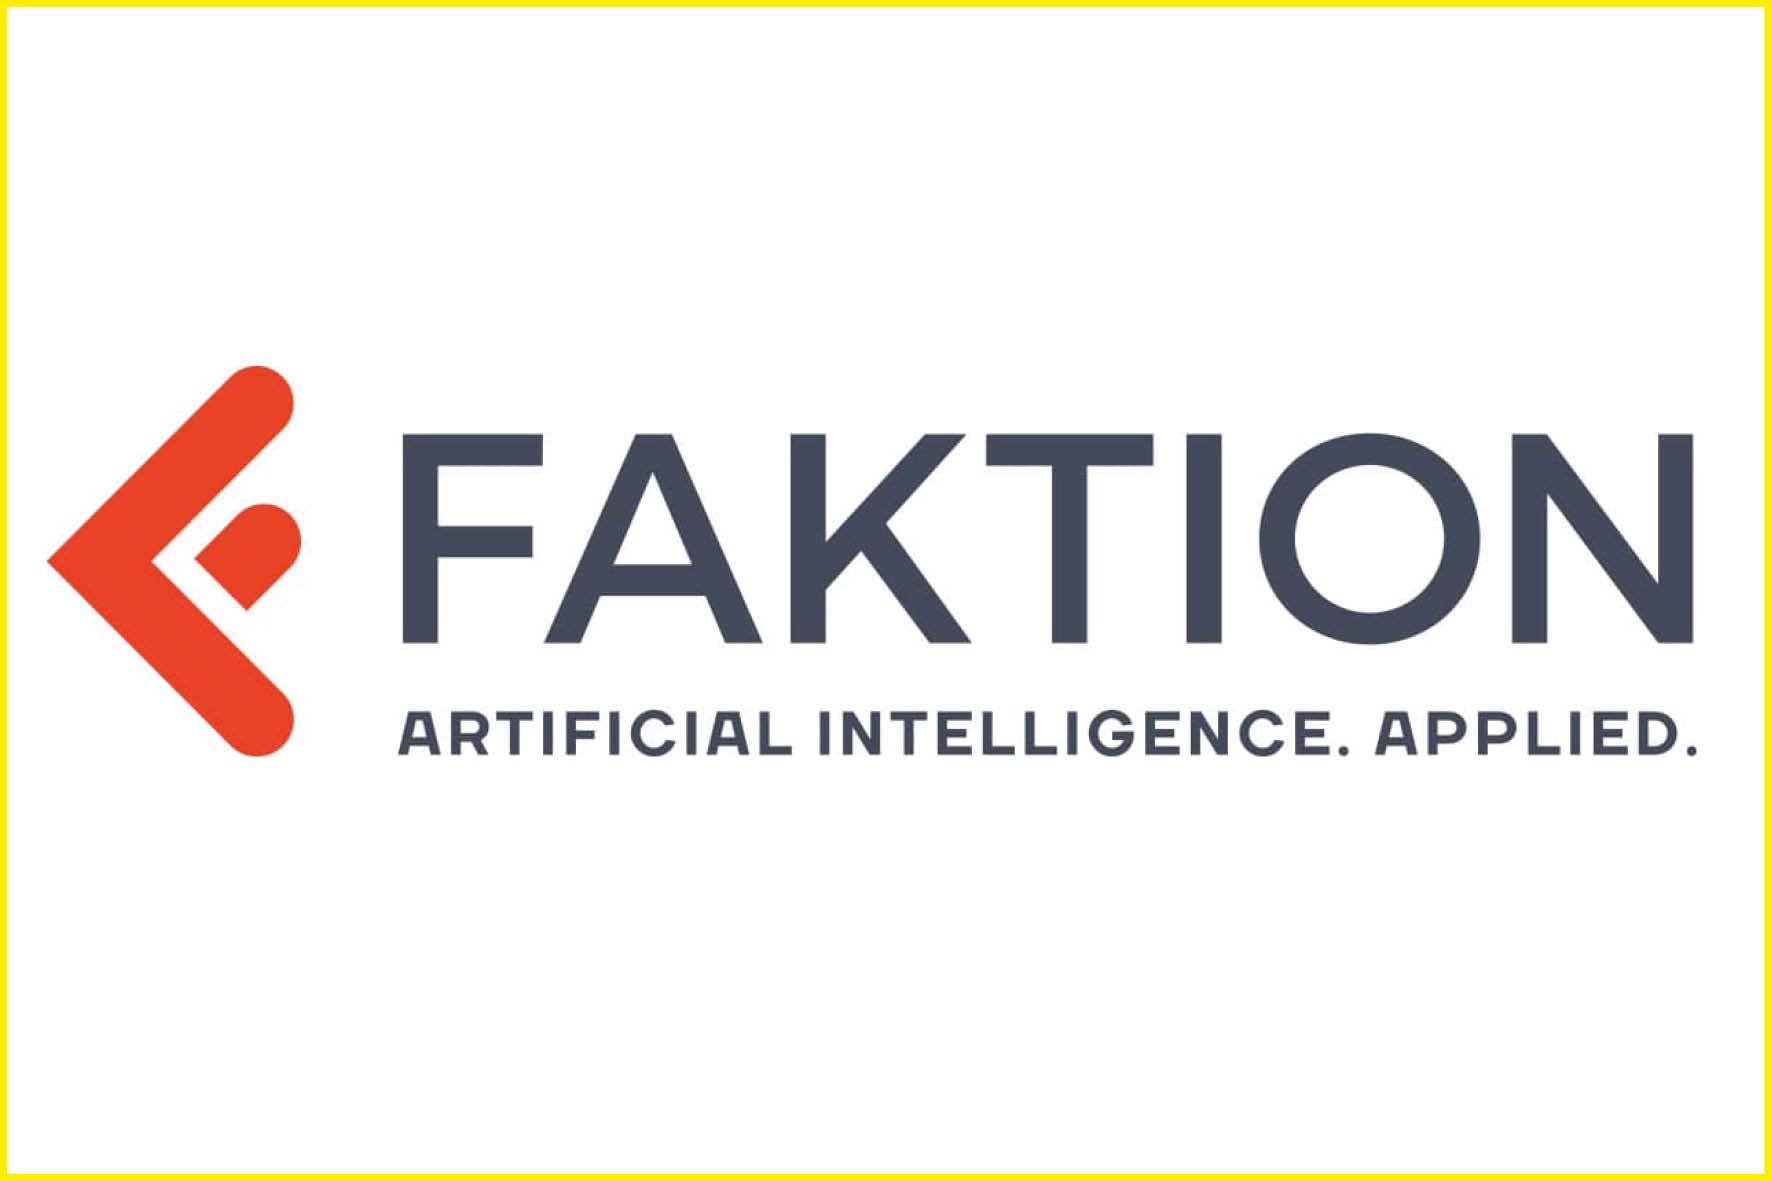 mark-com-event-faktion-logo